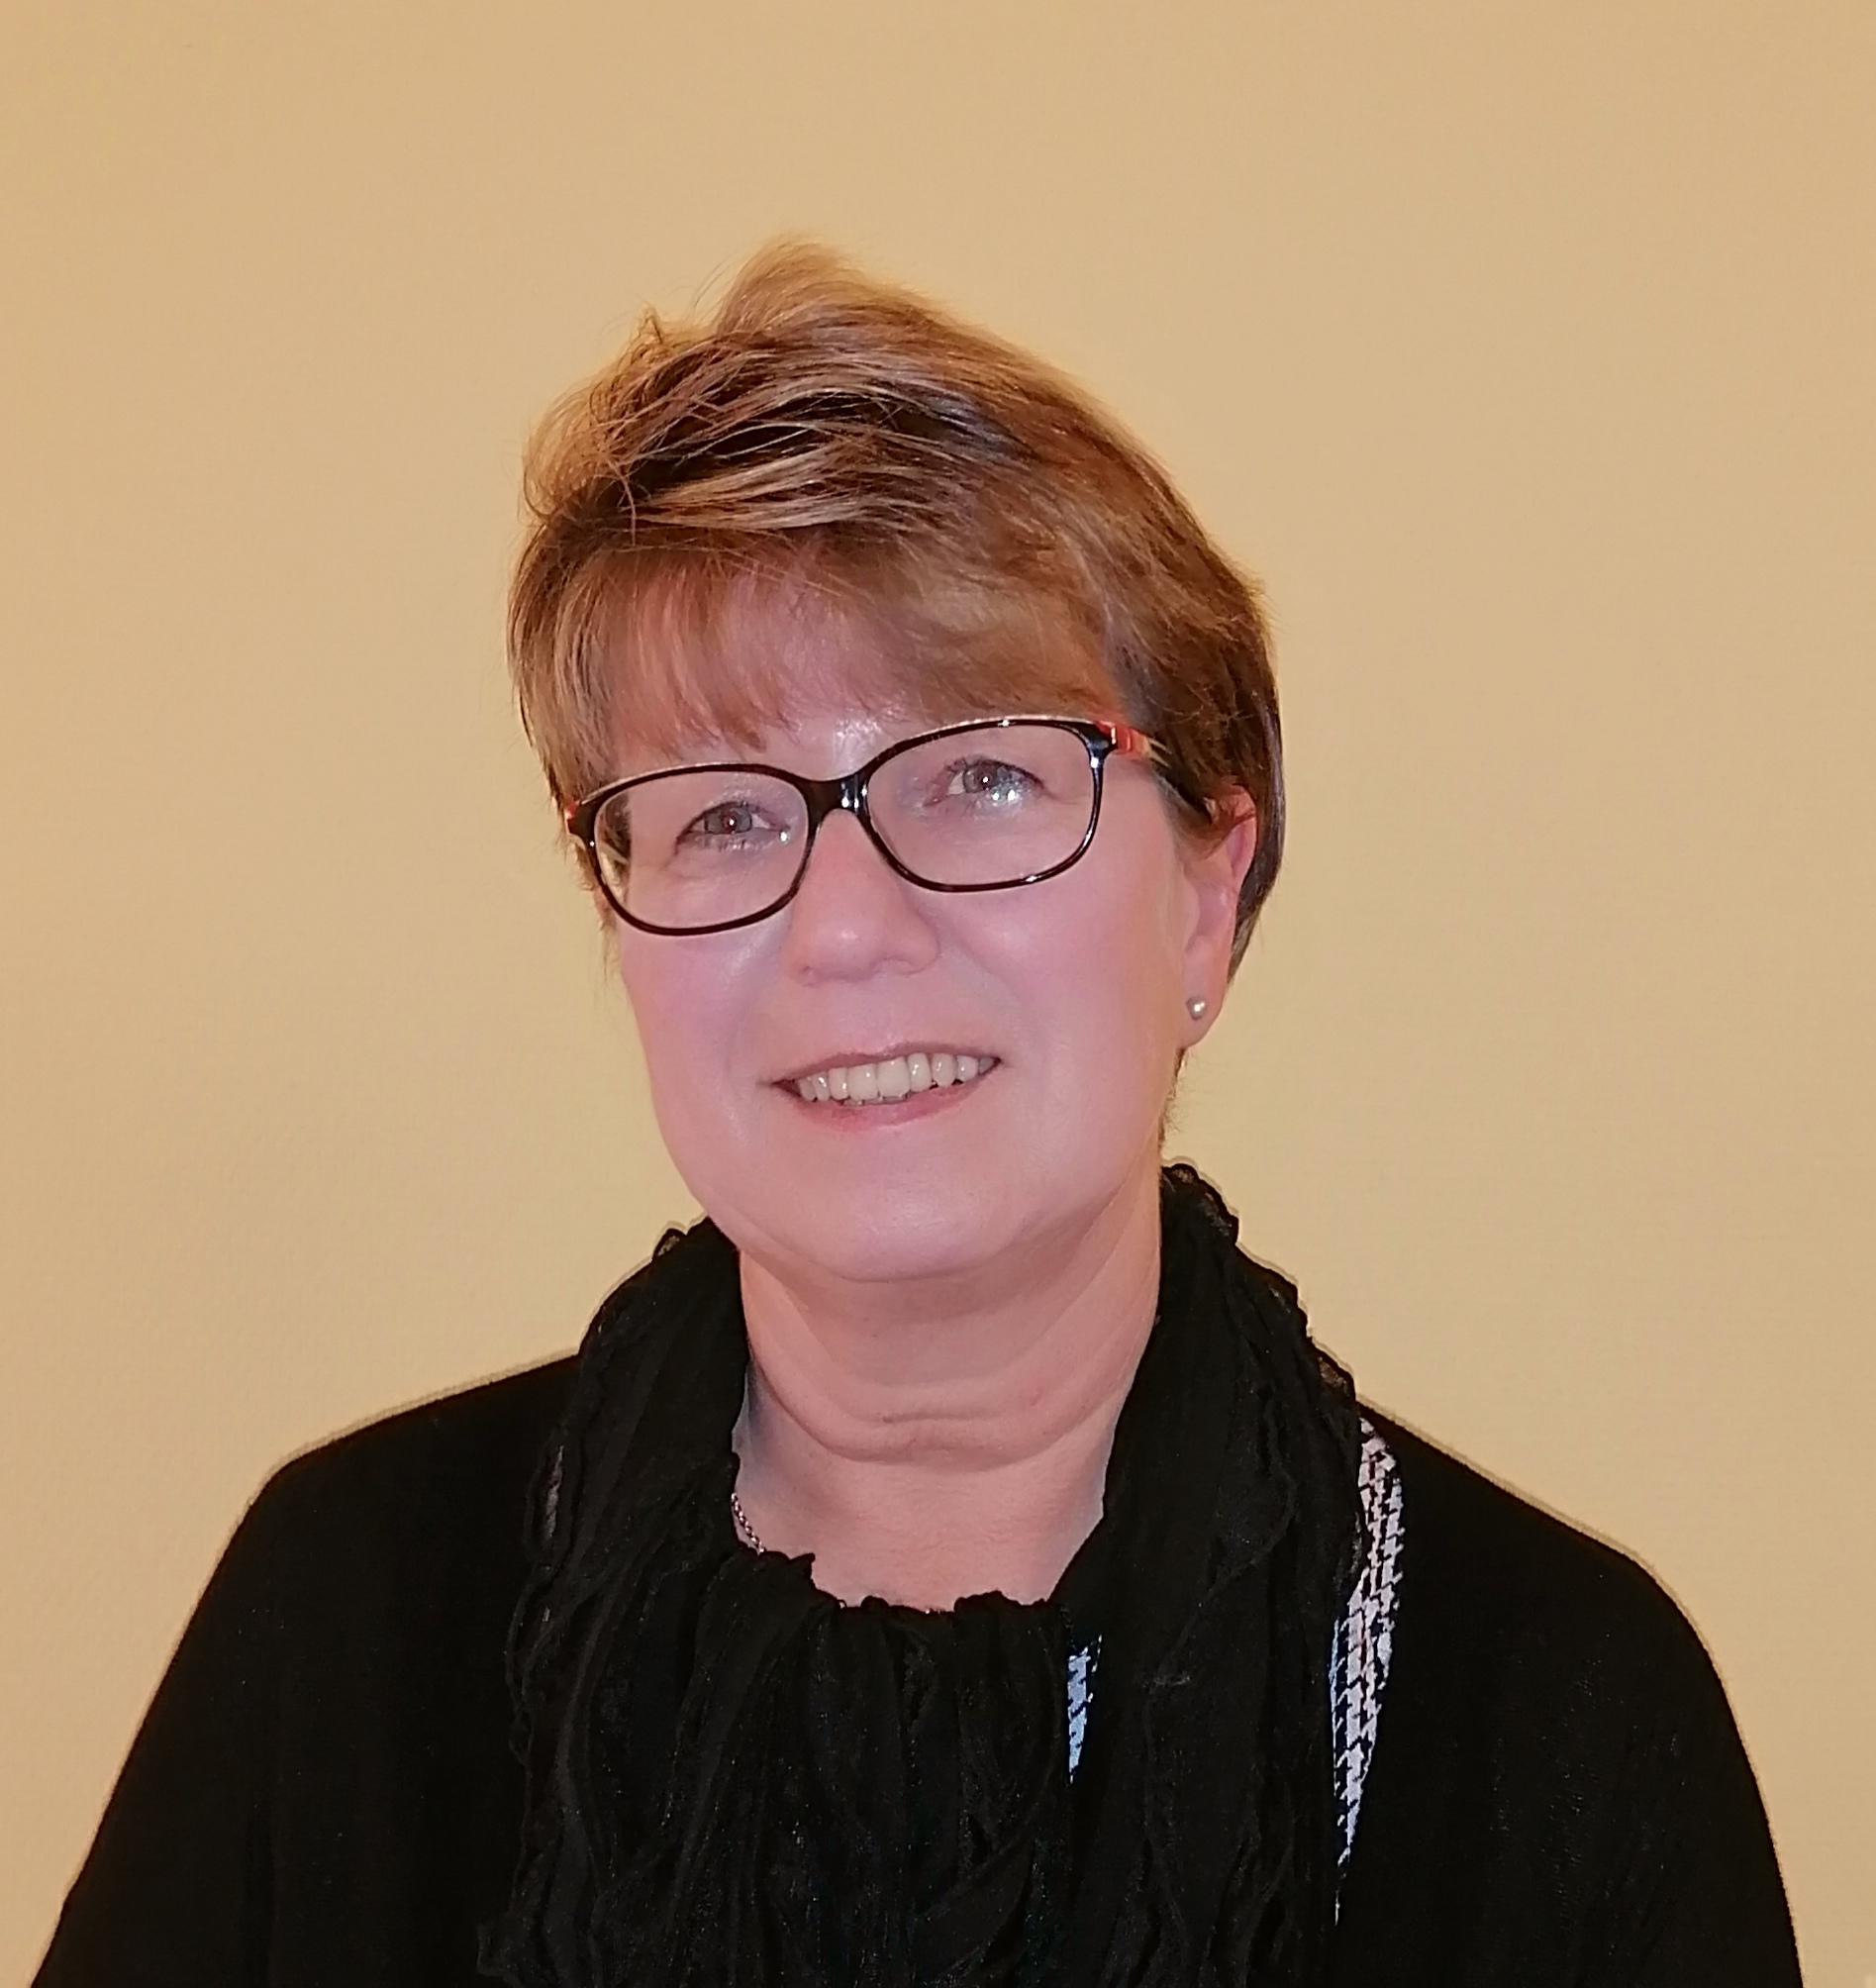 Birgit Riemenschneider